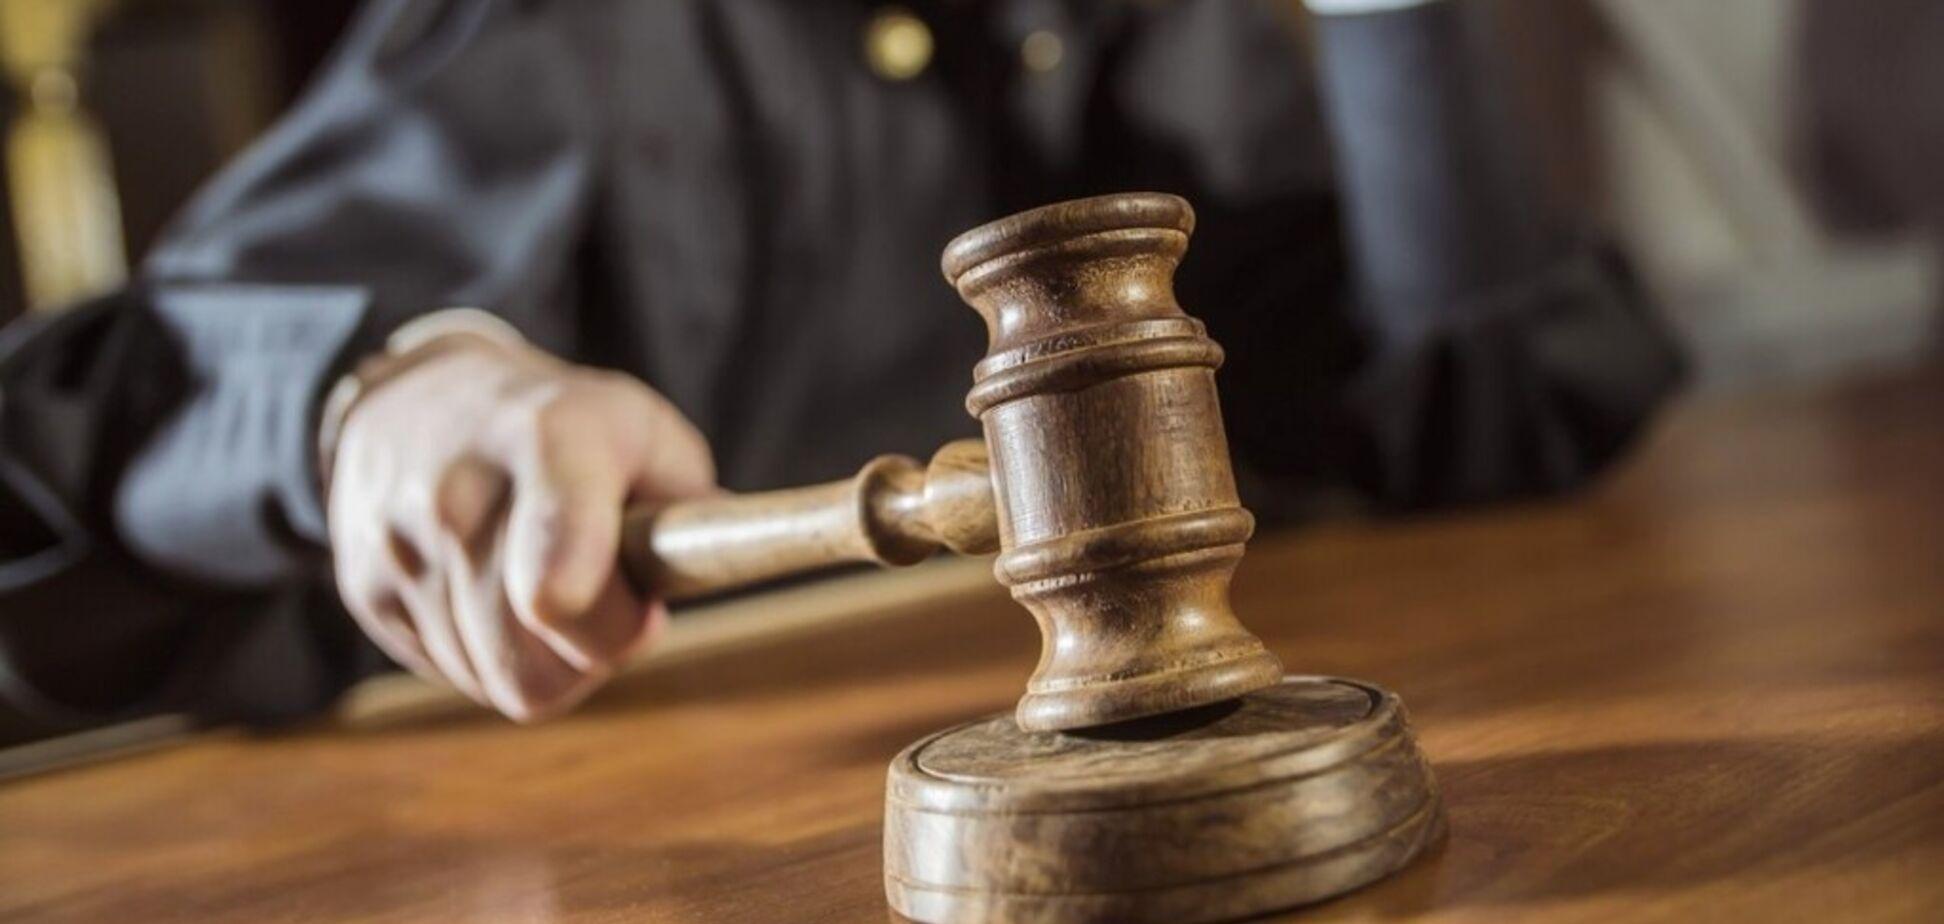 Суд на Одещині засудив пенсіонера-педофіла. Джерело: delo.ua